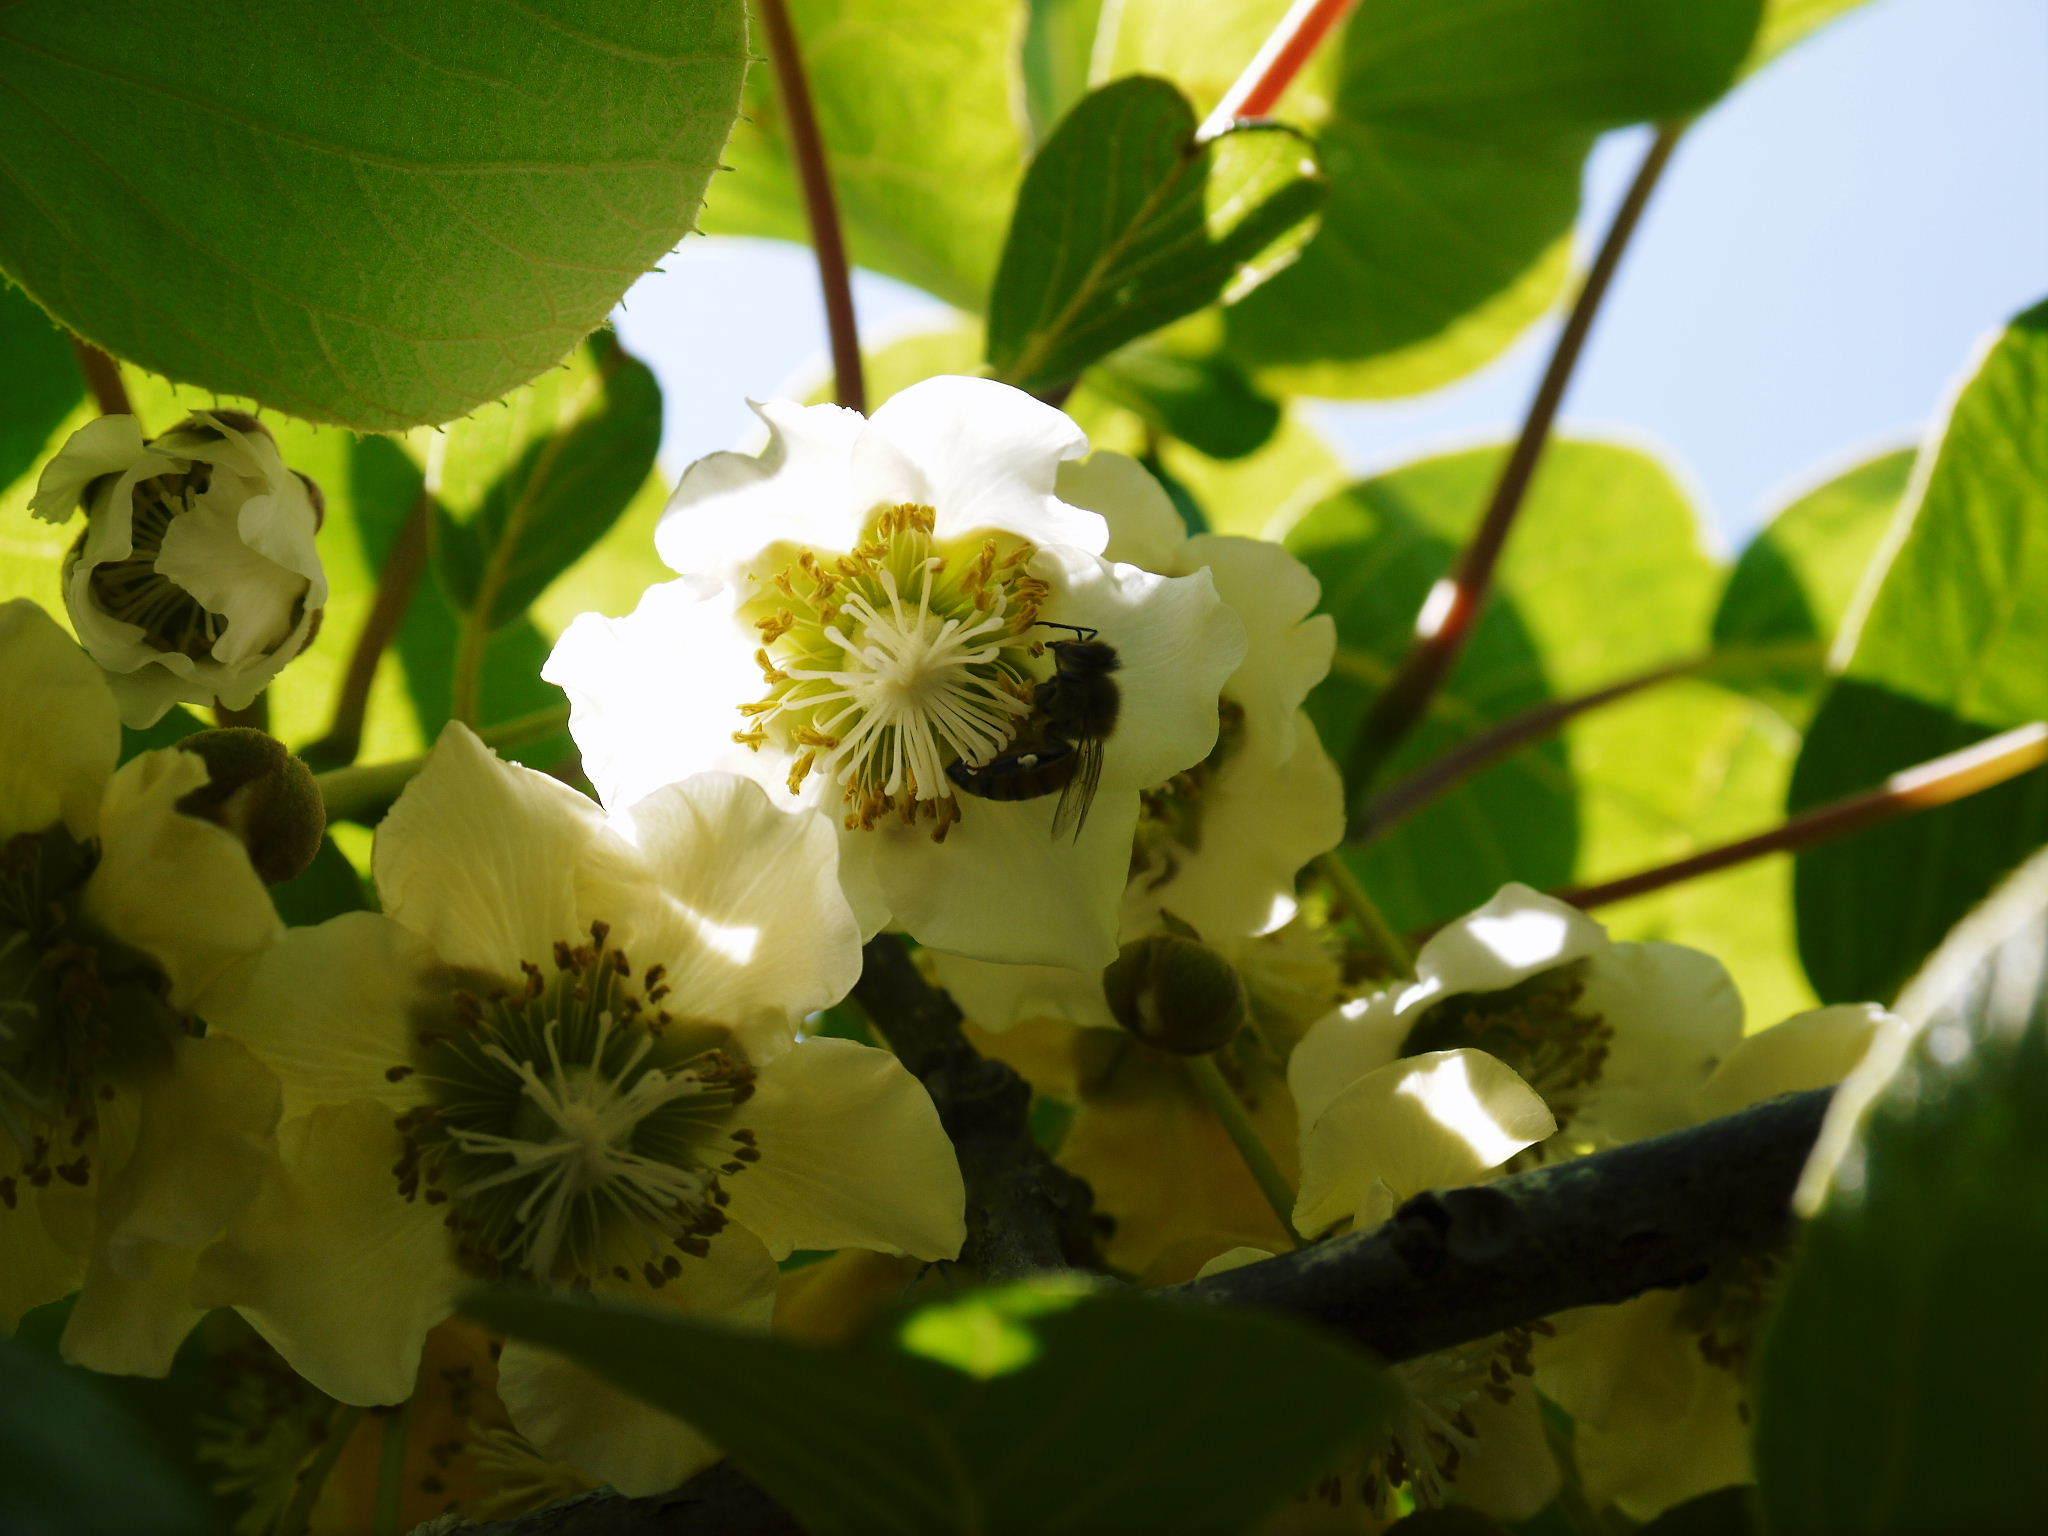 水源キウイ 2021年の開花!例年より10日以上も早い開花でした!(後編:雄花と雌花&交配のお話し) _a0254656_17150512.jpg